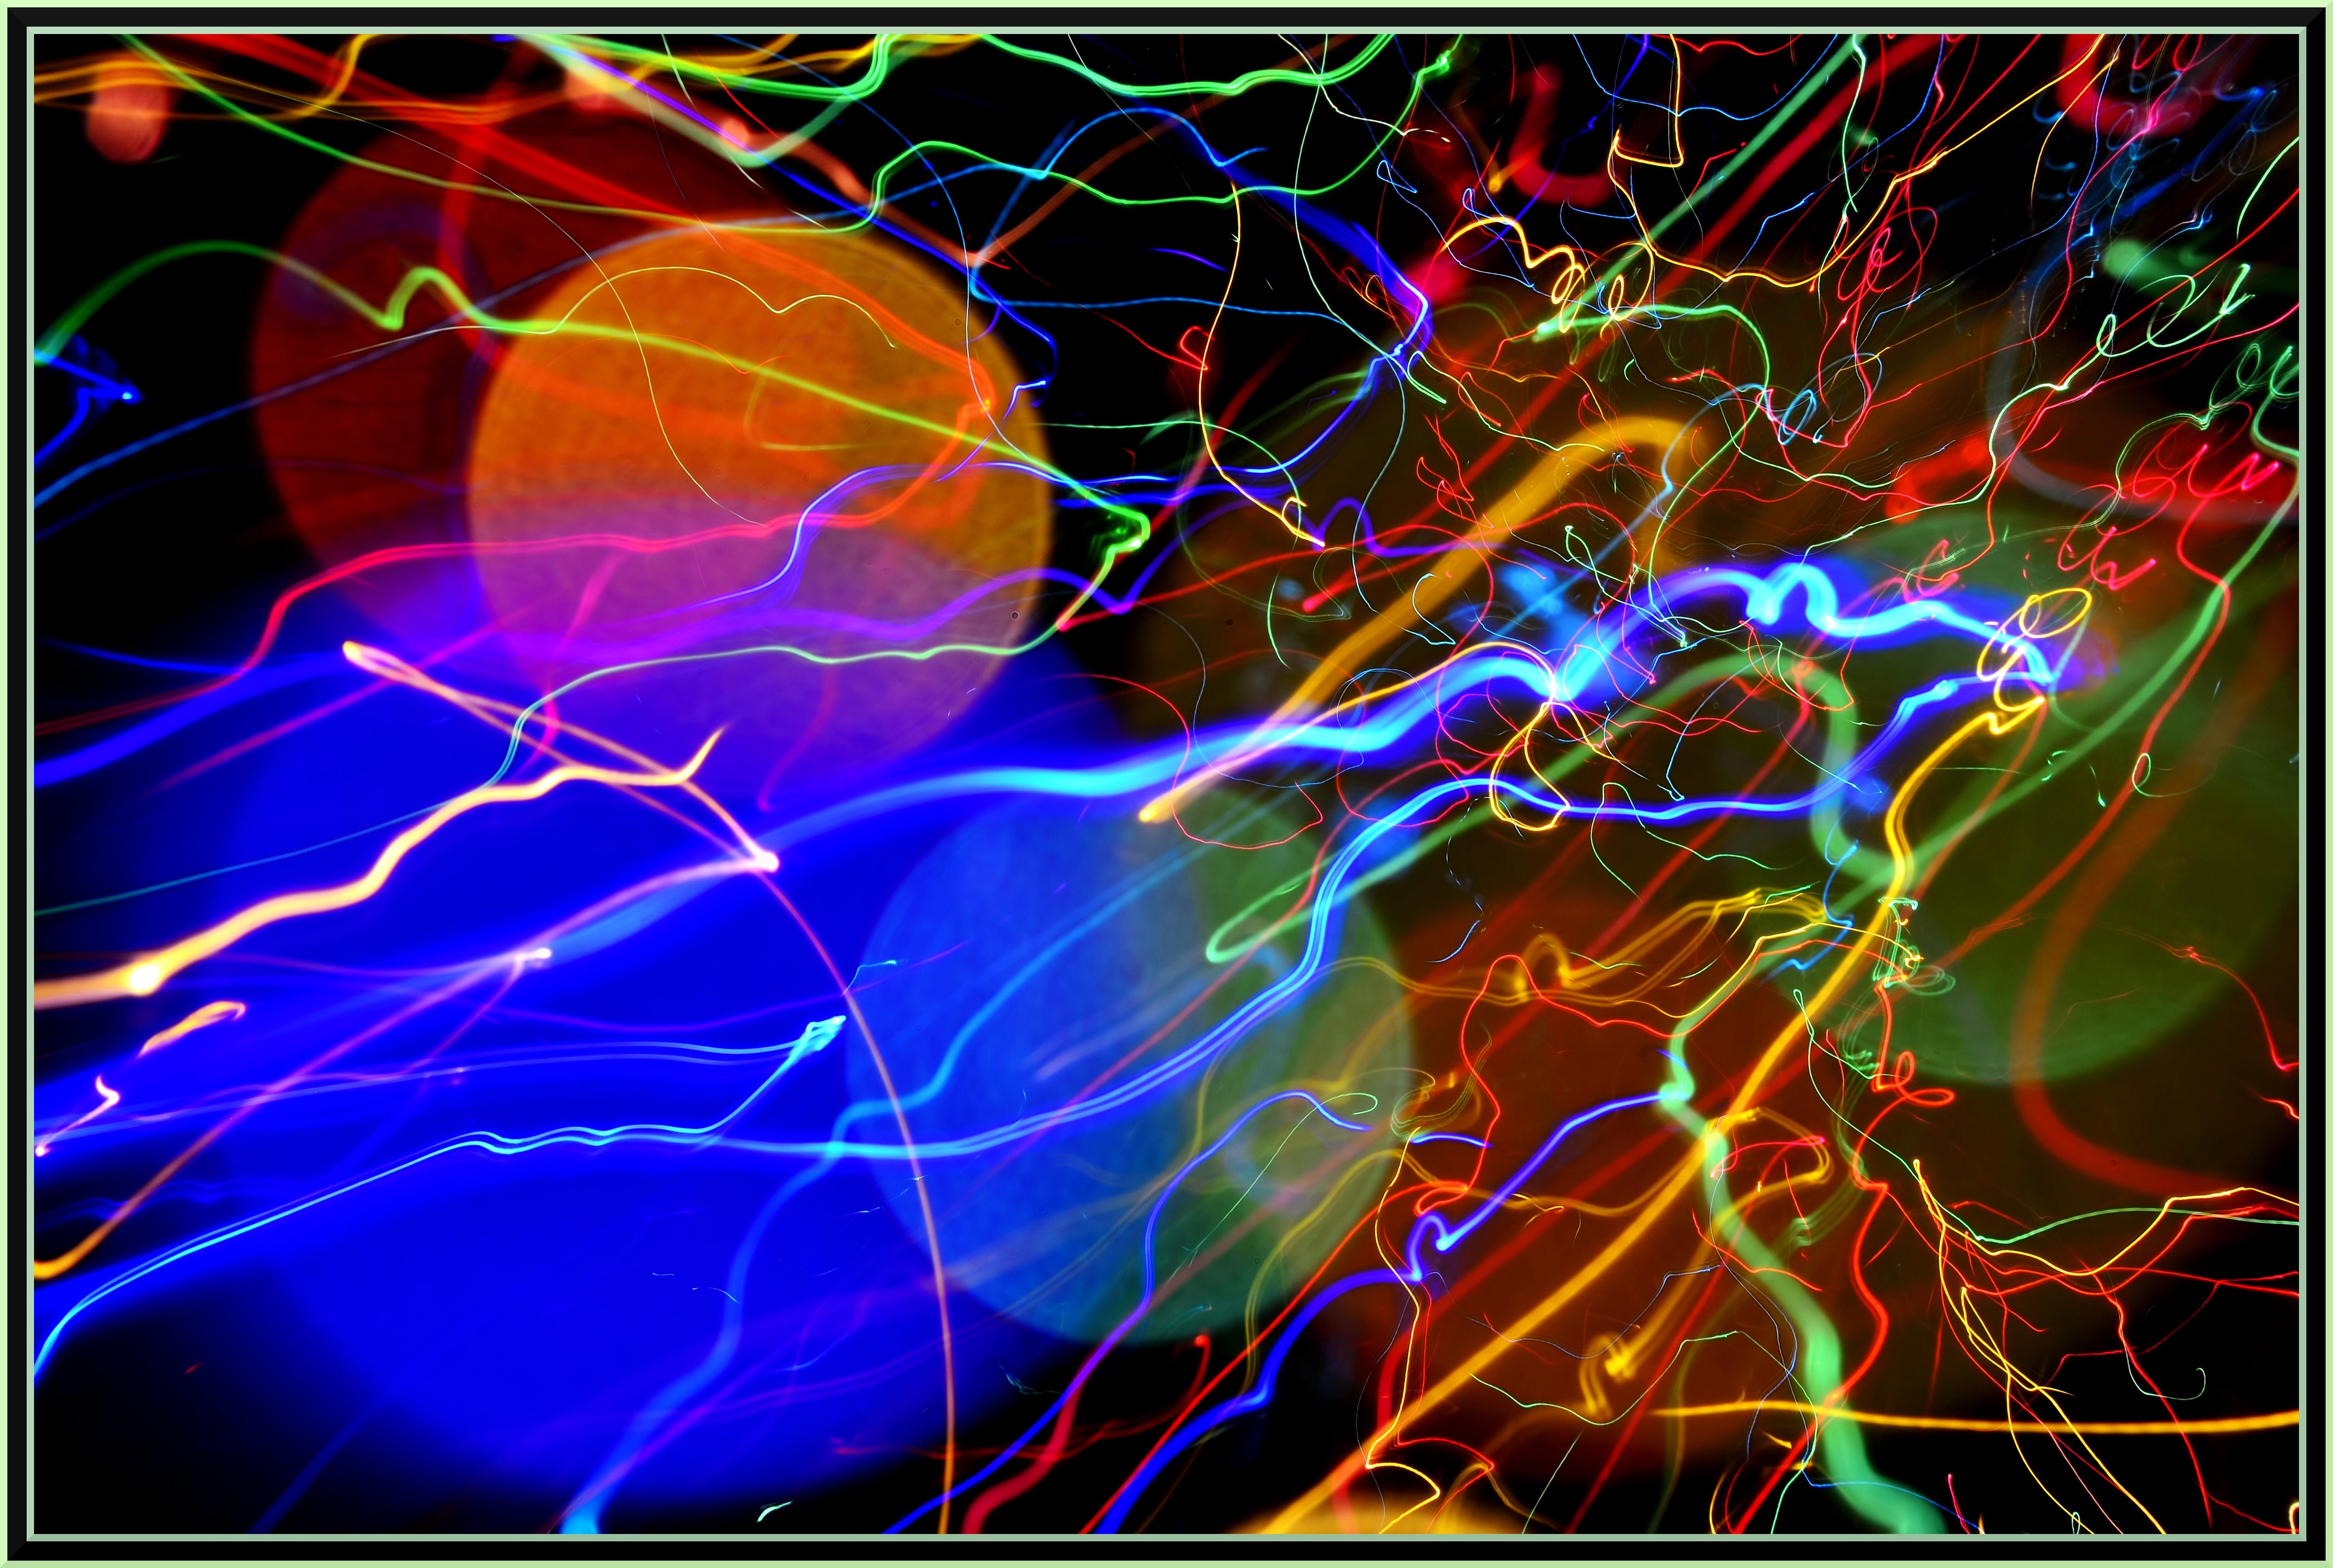 Albero Di Natale Yahoo.Sfondi Natale Citta Astratto Colore Albero Luci Yahoo